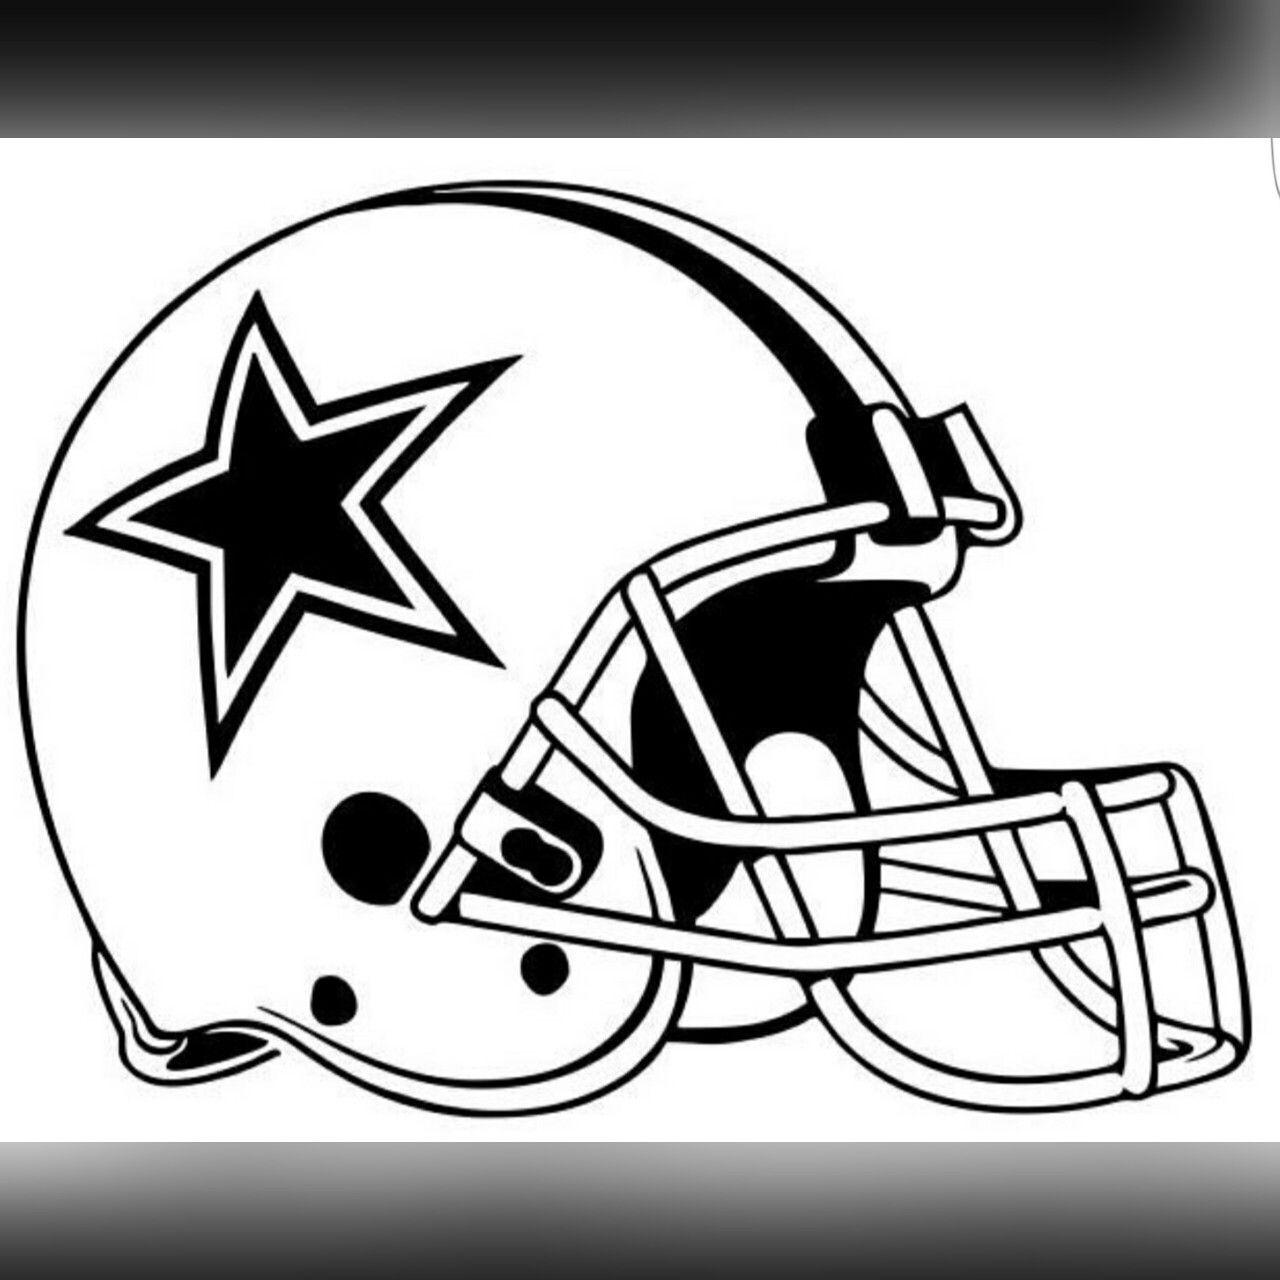 LoveMyBoys Cowboys helmet, Dallas cowboys logo, Nfl